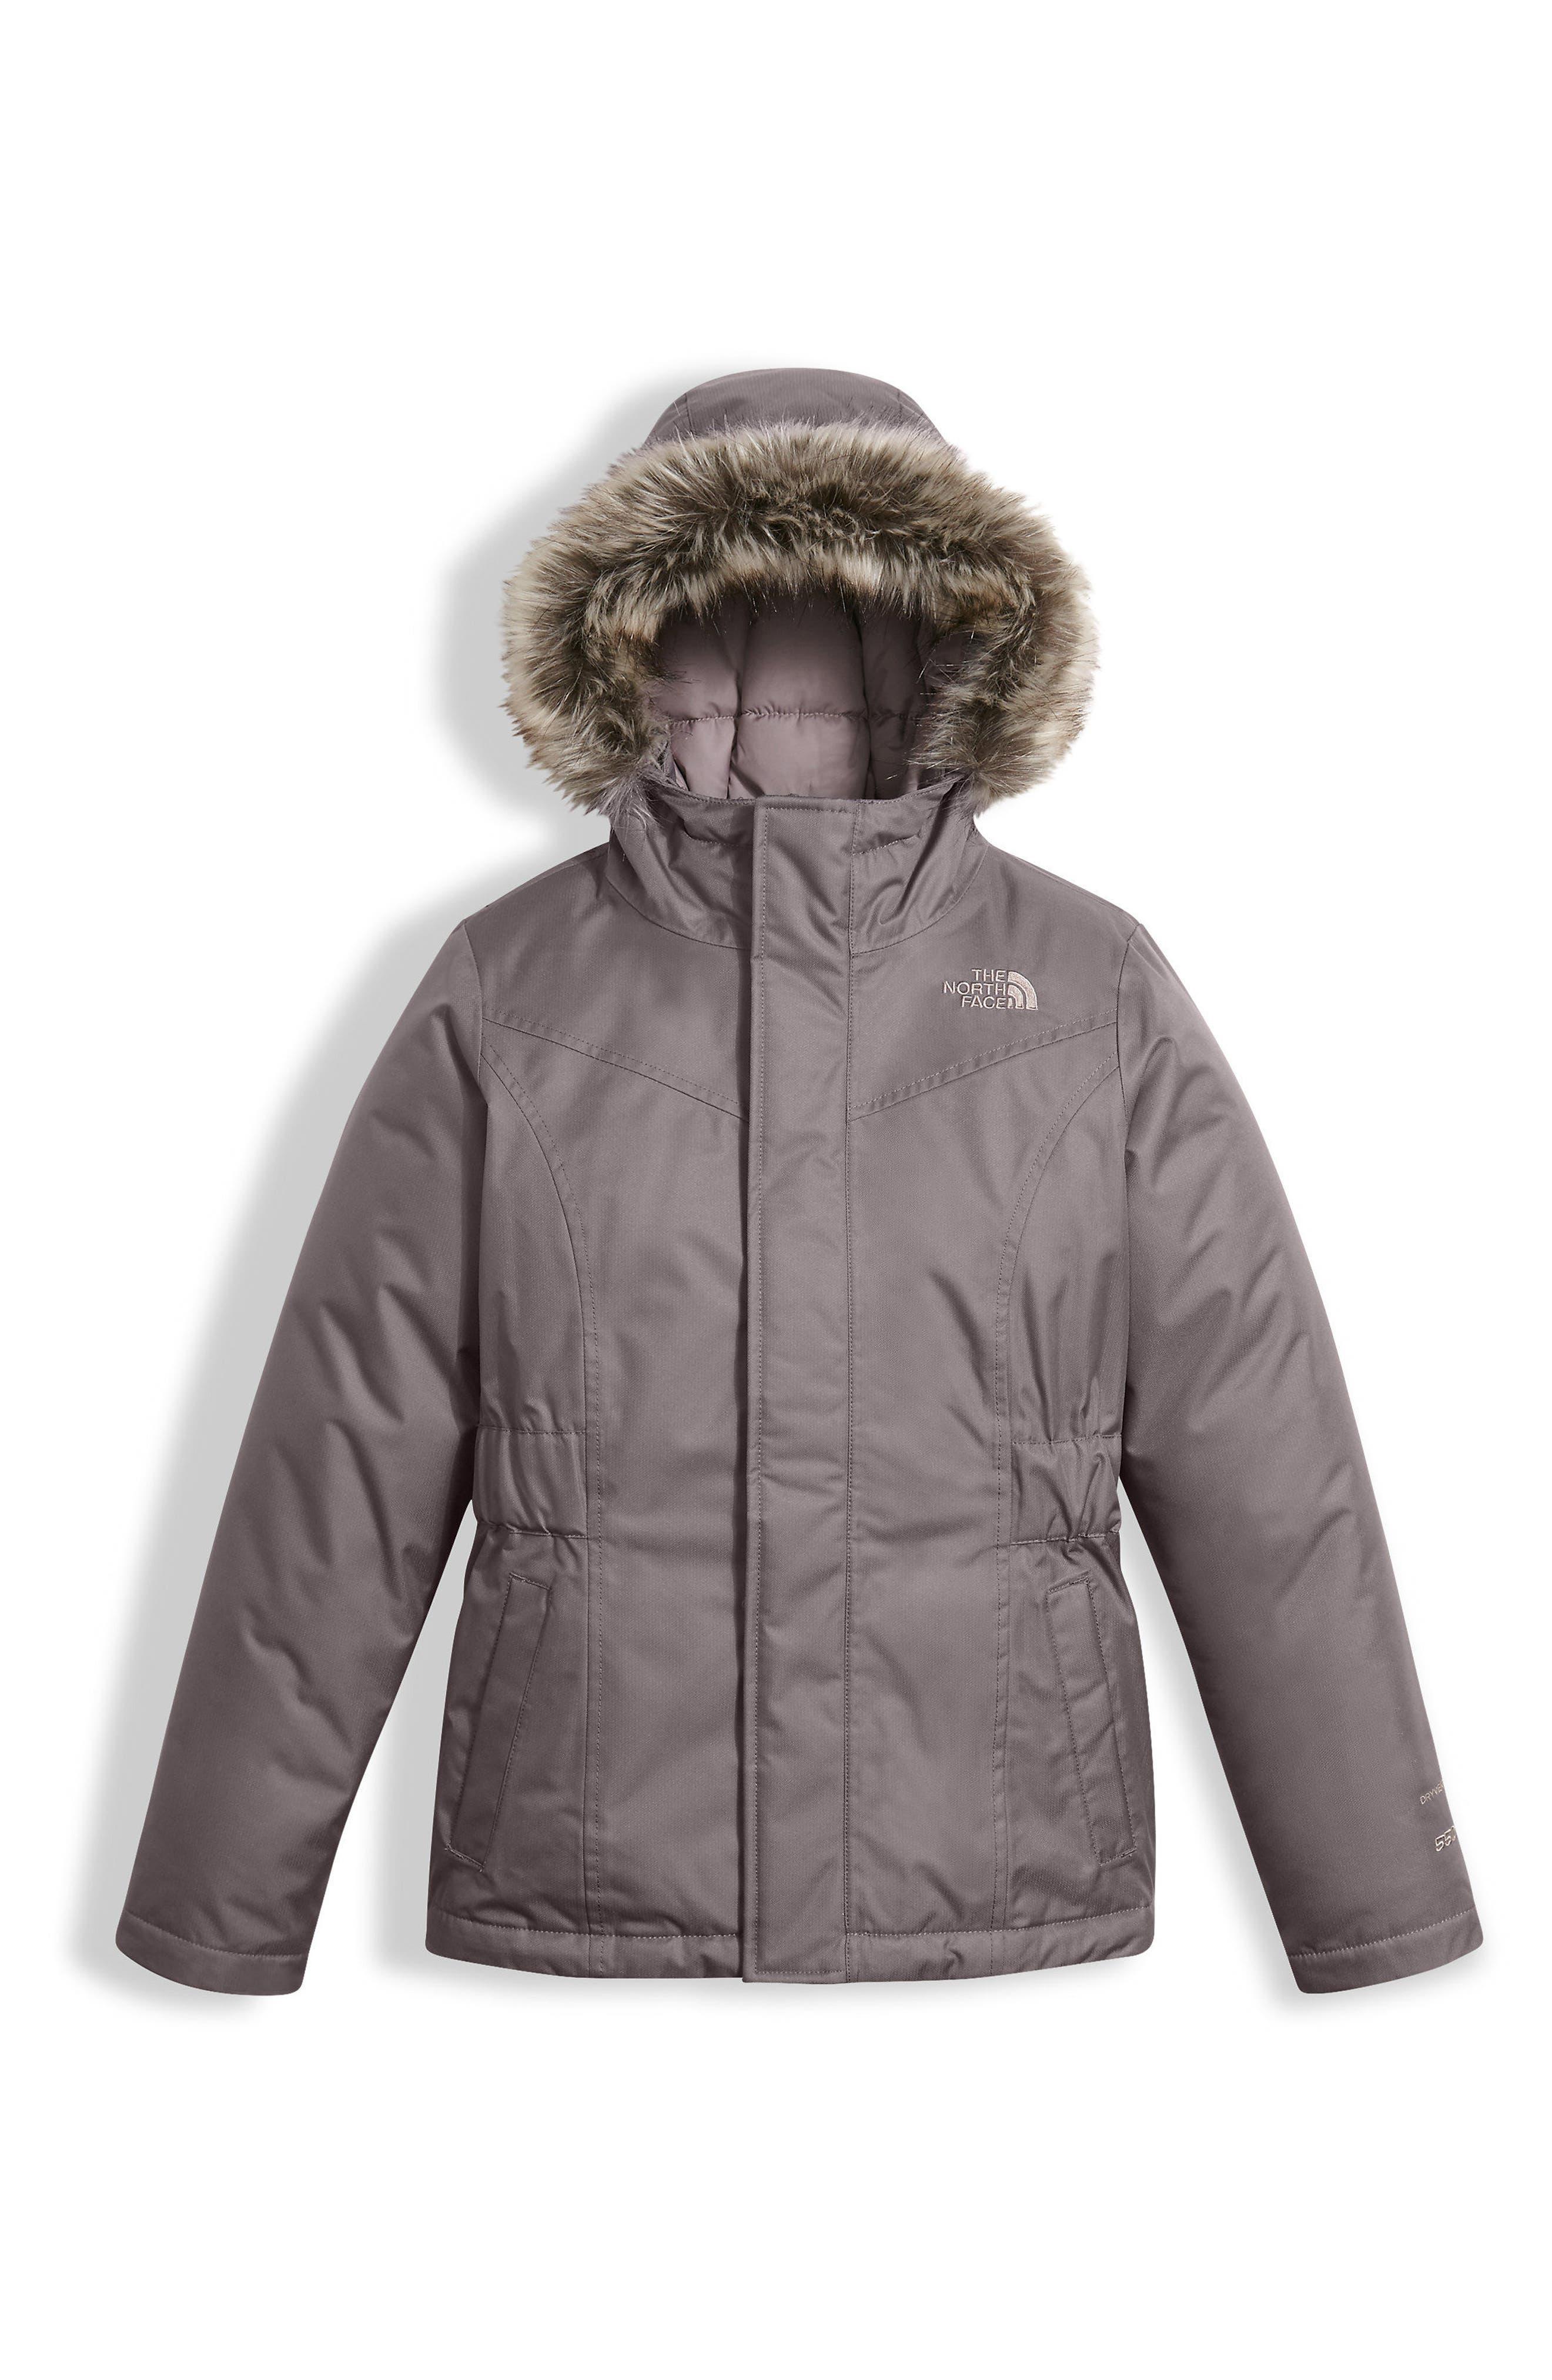 Greenland Waterproof 550-Fill Down Jacket,                             Main thumbnail 1, color,                             Rabbit Grey